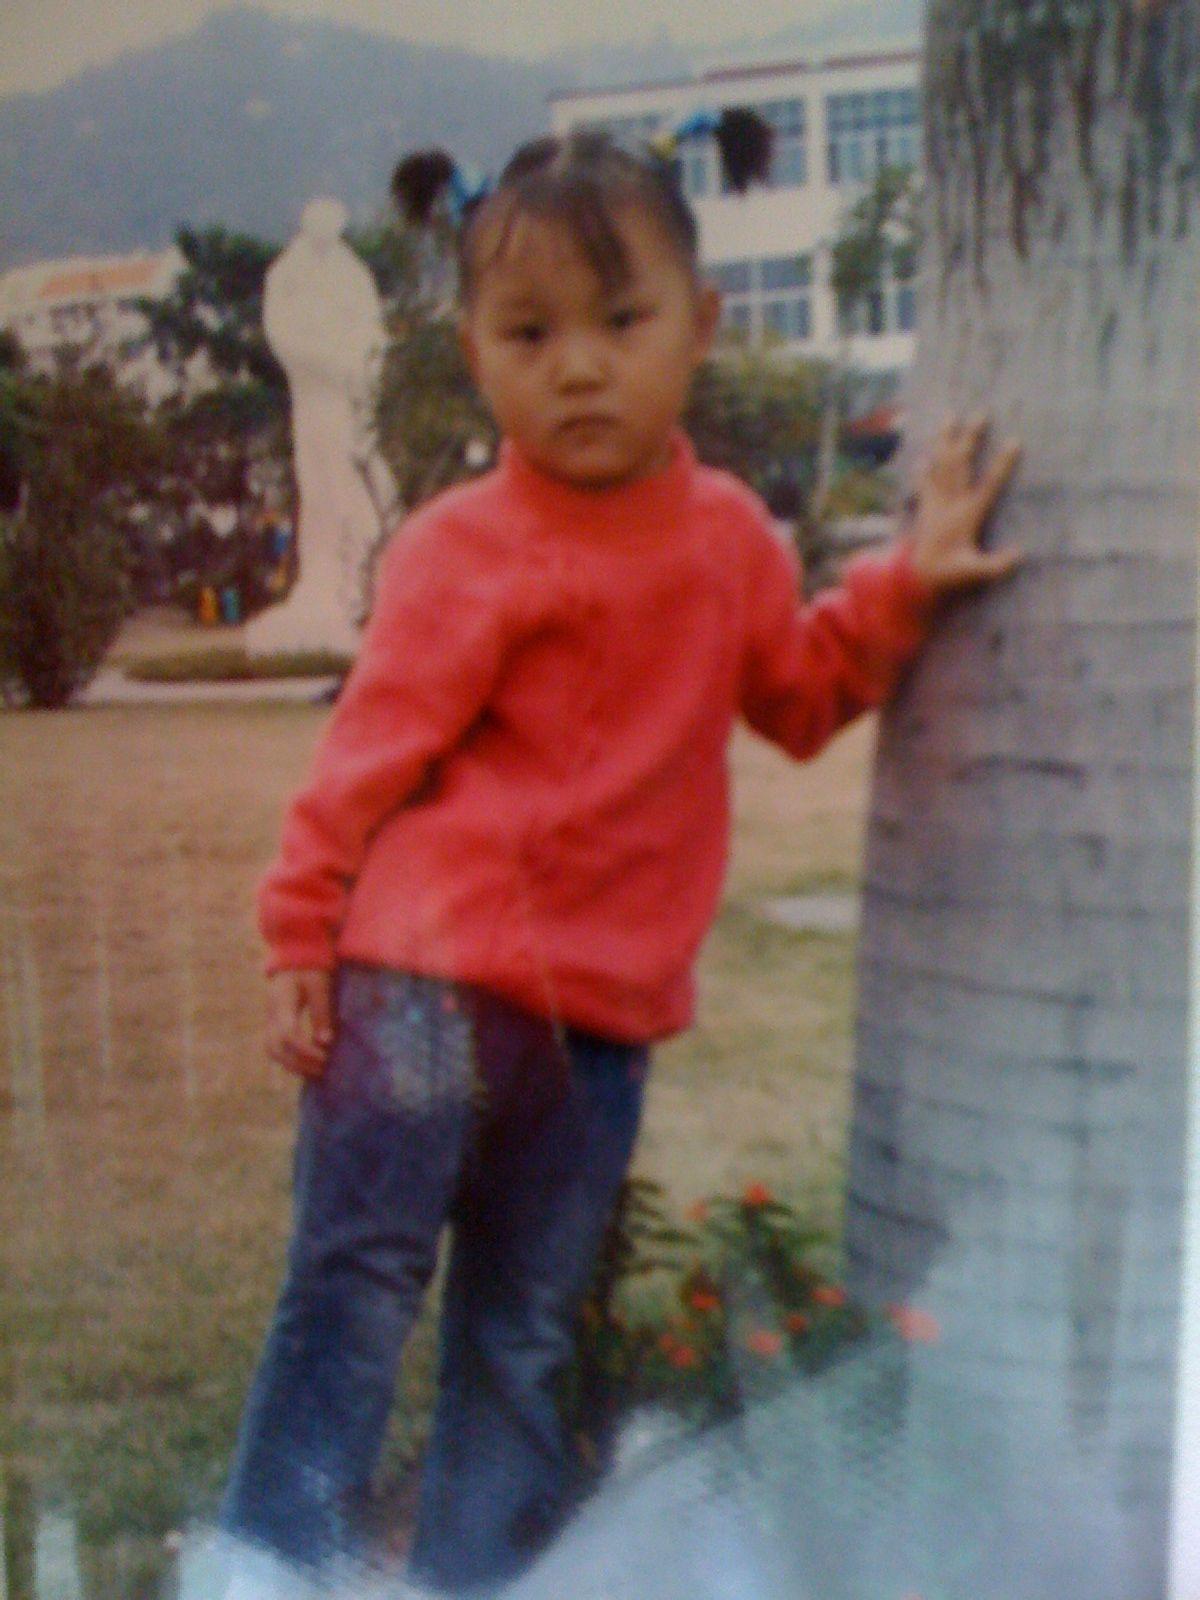 六哲小时候的照片_猜猜我现在几岁了?(这是小时候的照片)_百度知道